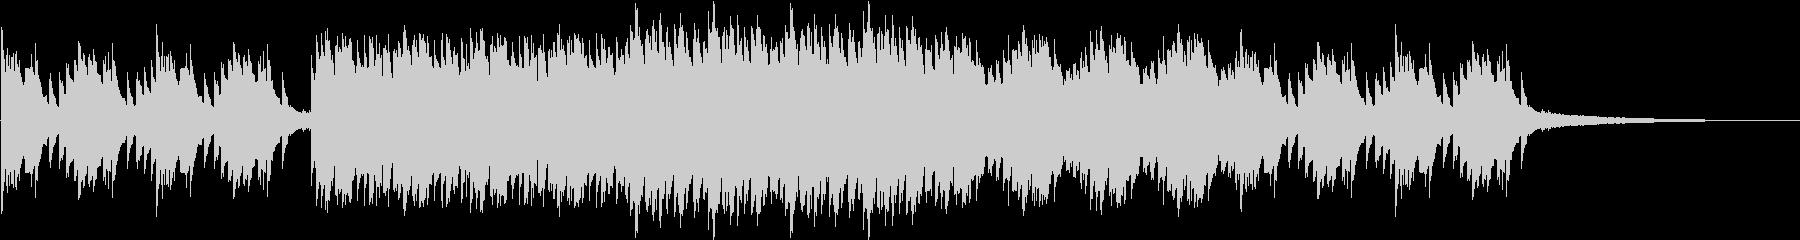 切ないゲームなどに合いそうなピアノ曲1の未再生の波形